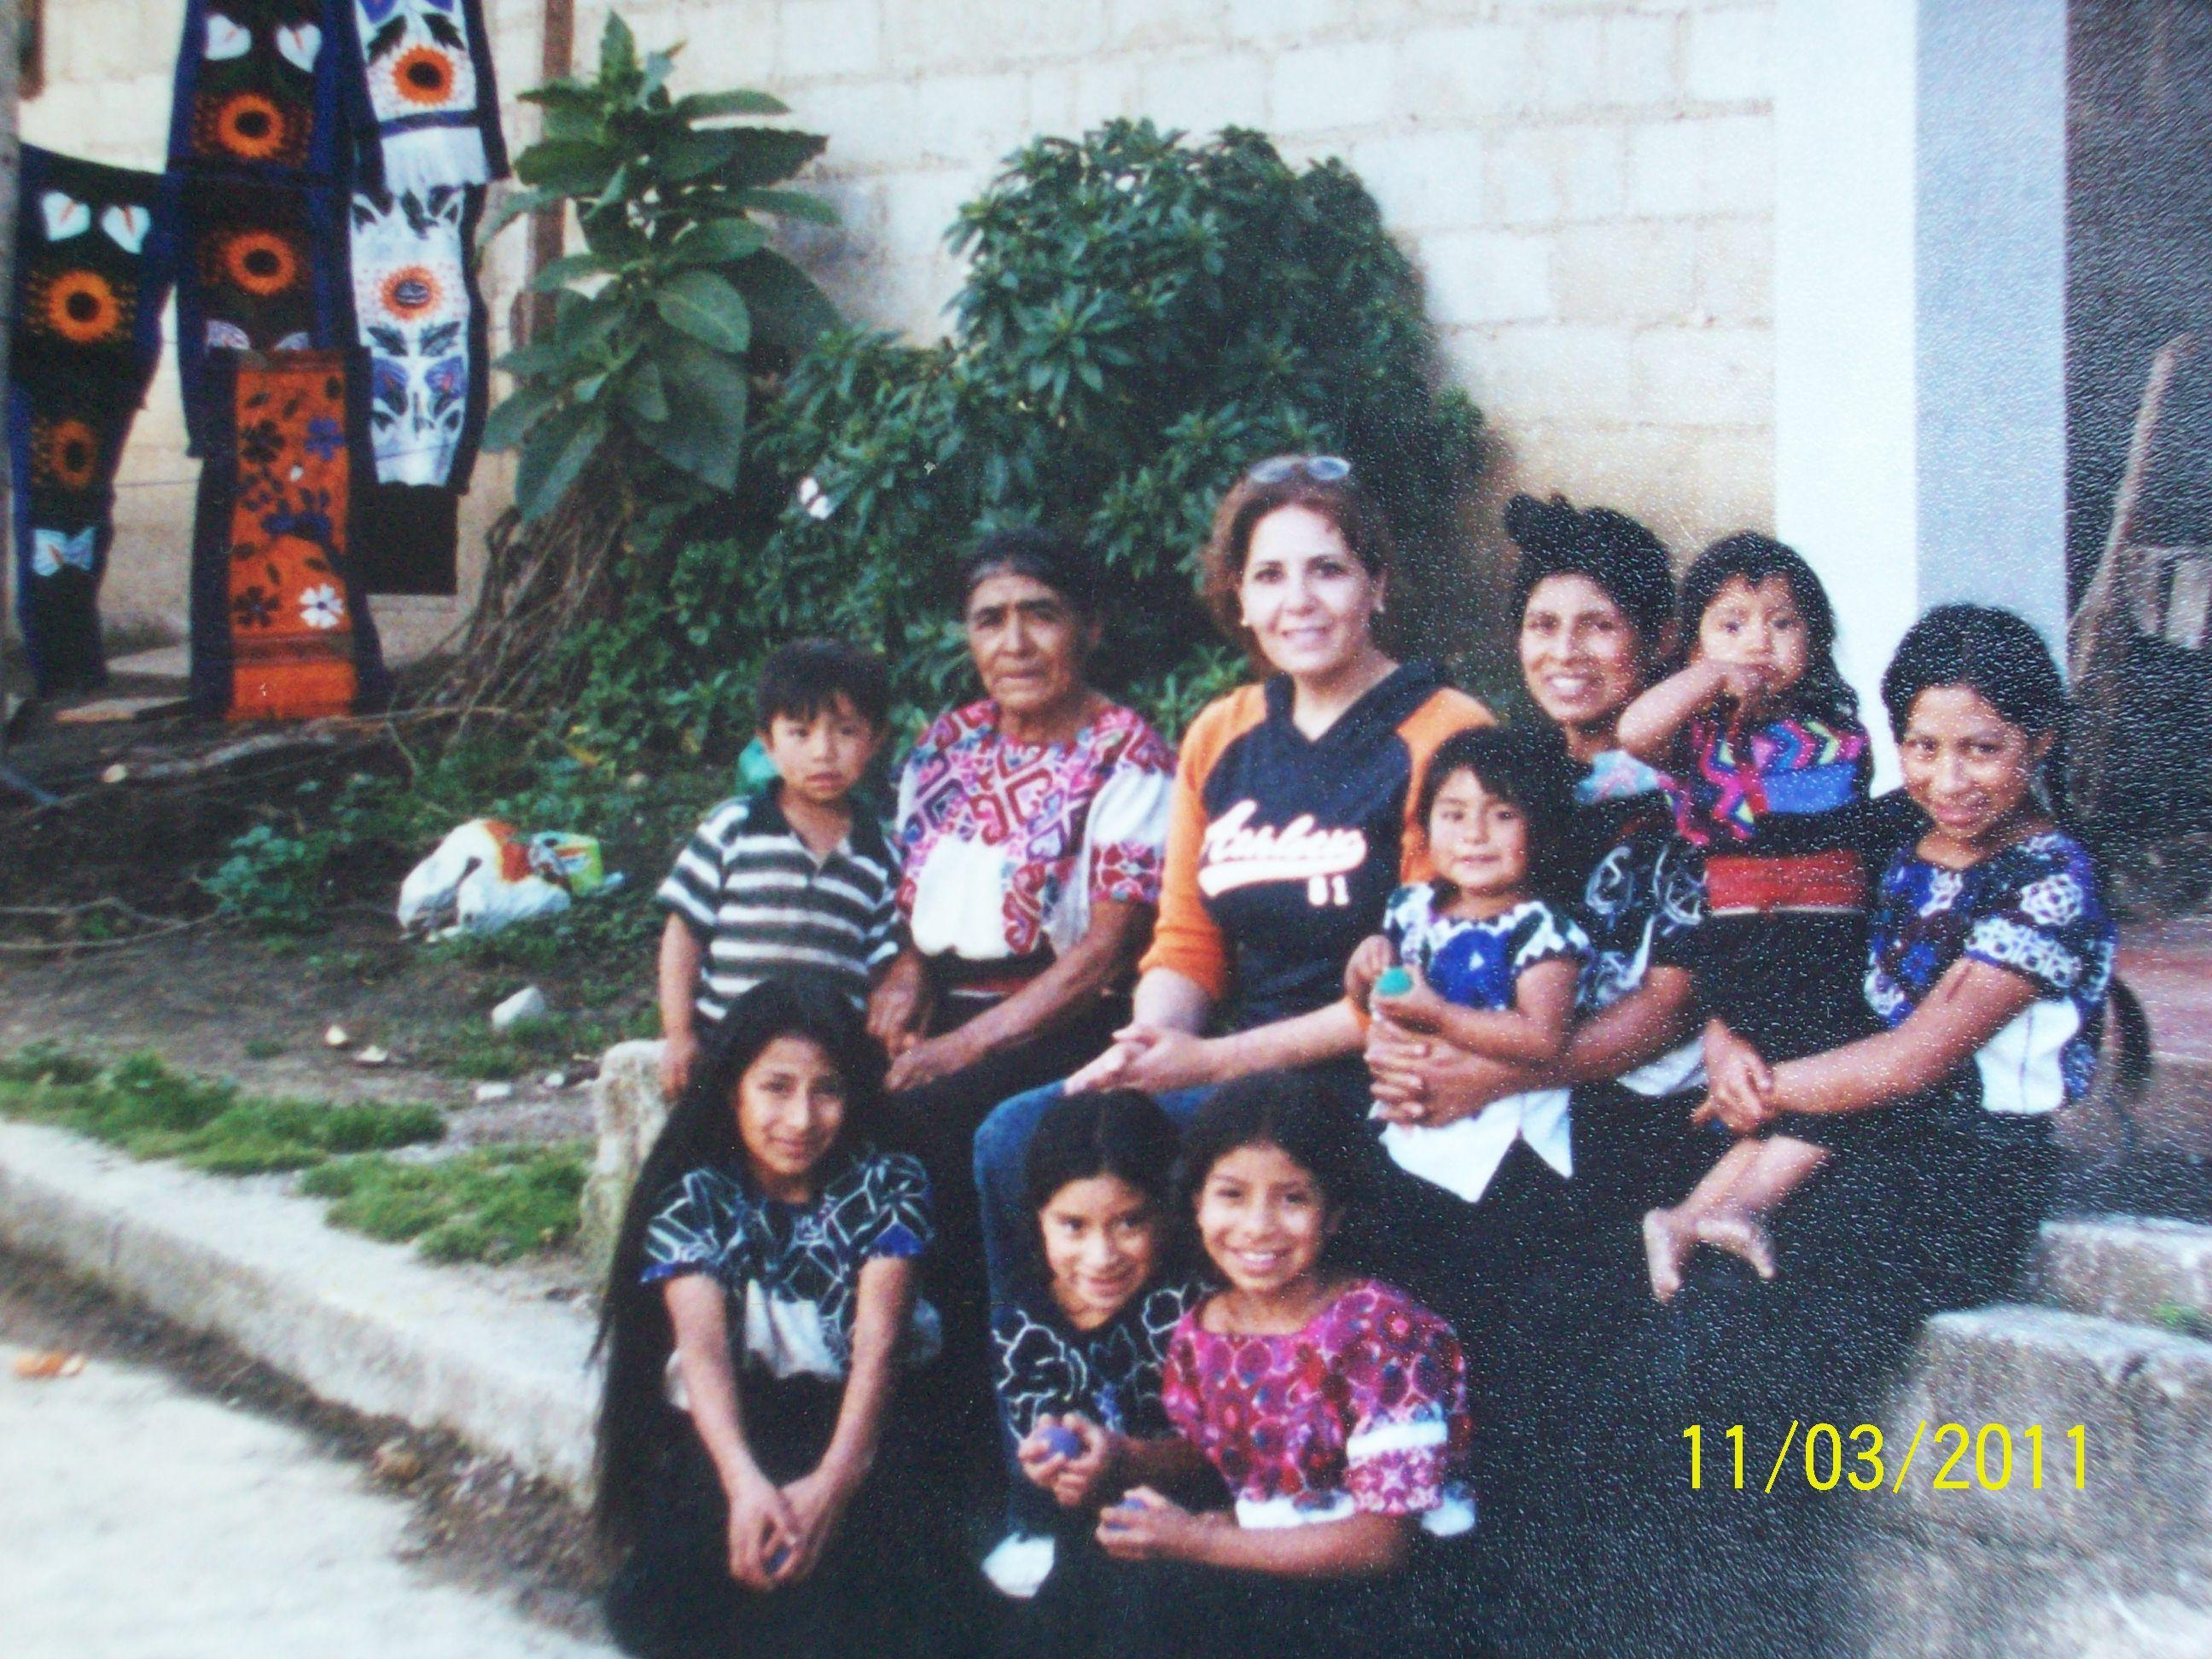 Culturas mezcladas, con mujeres de Chiapas !!